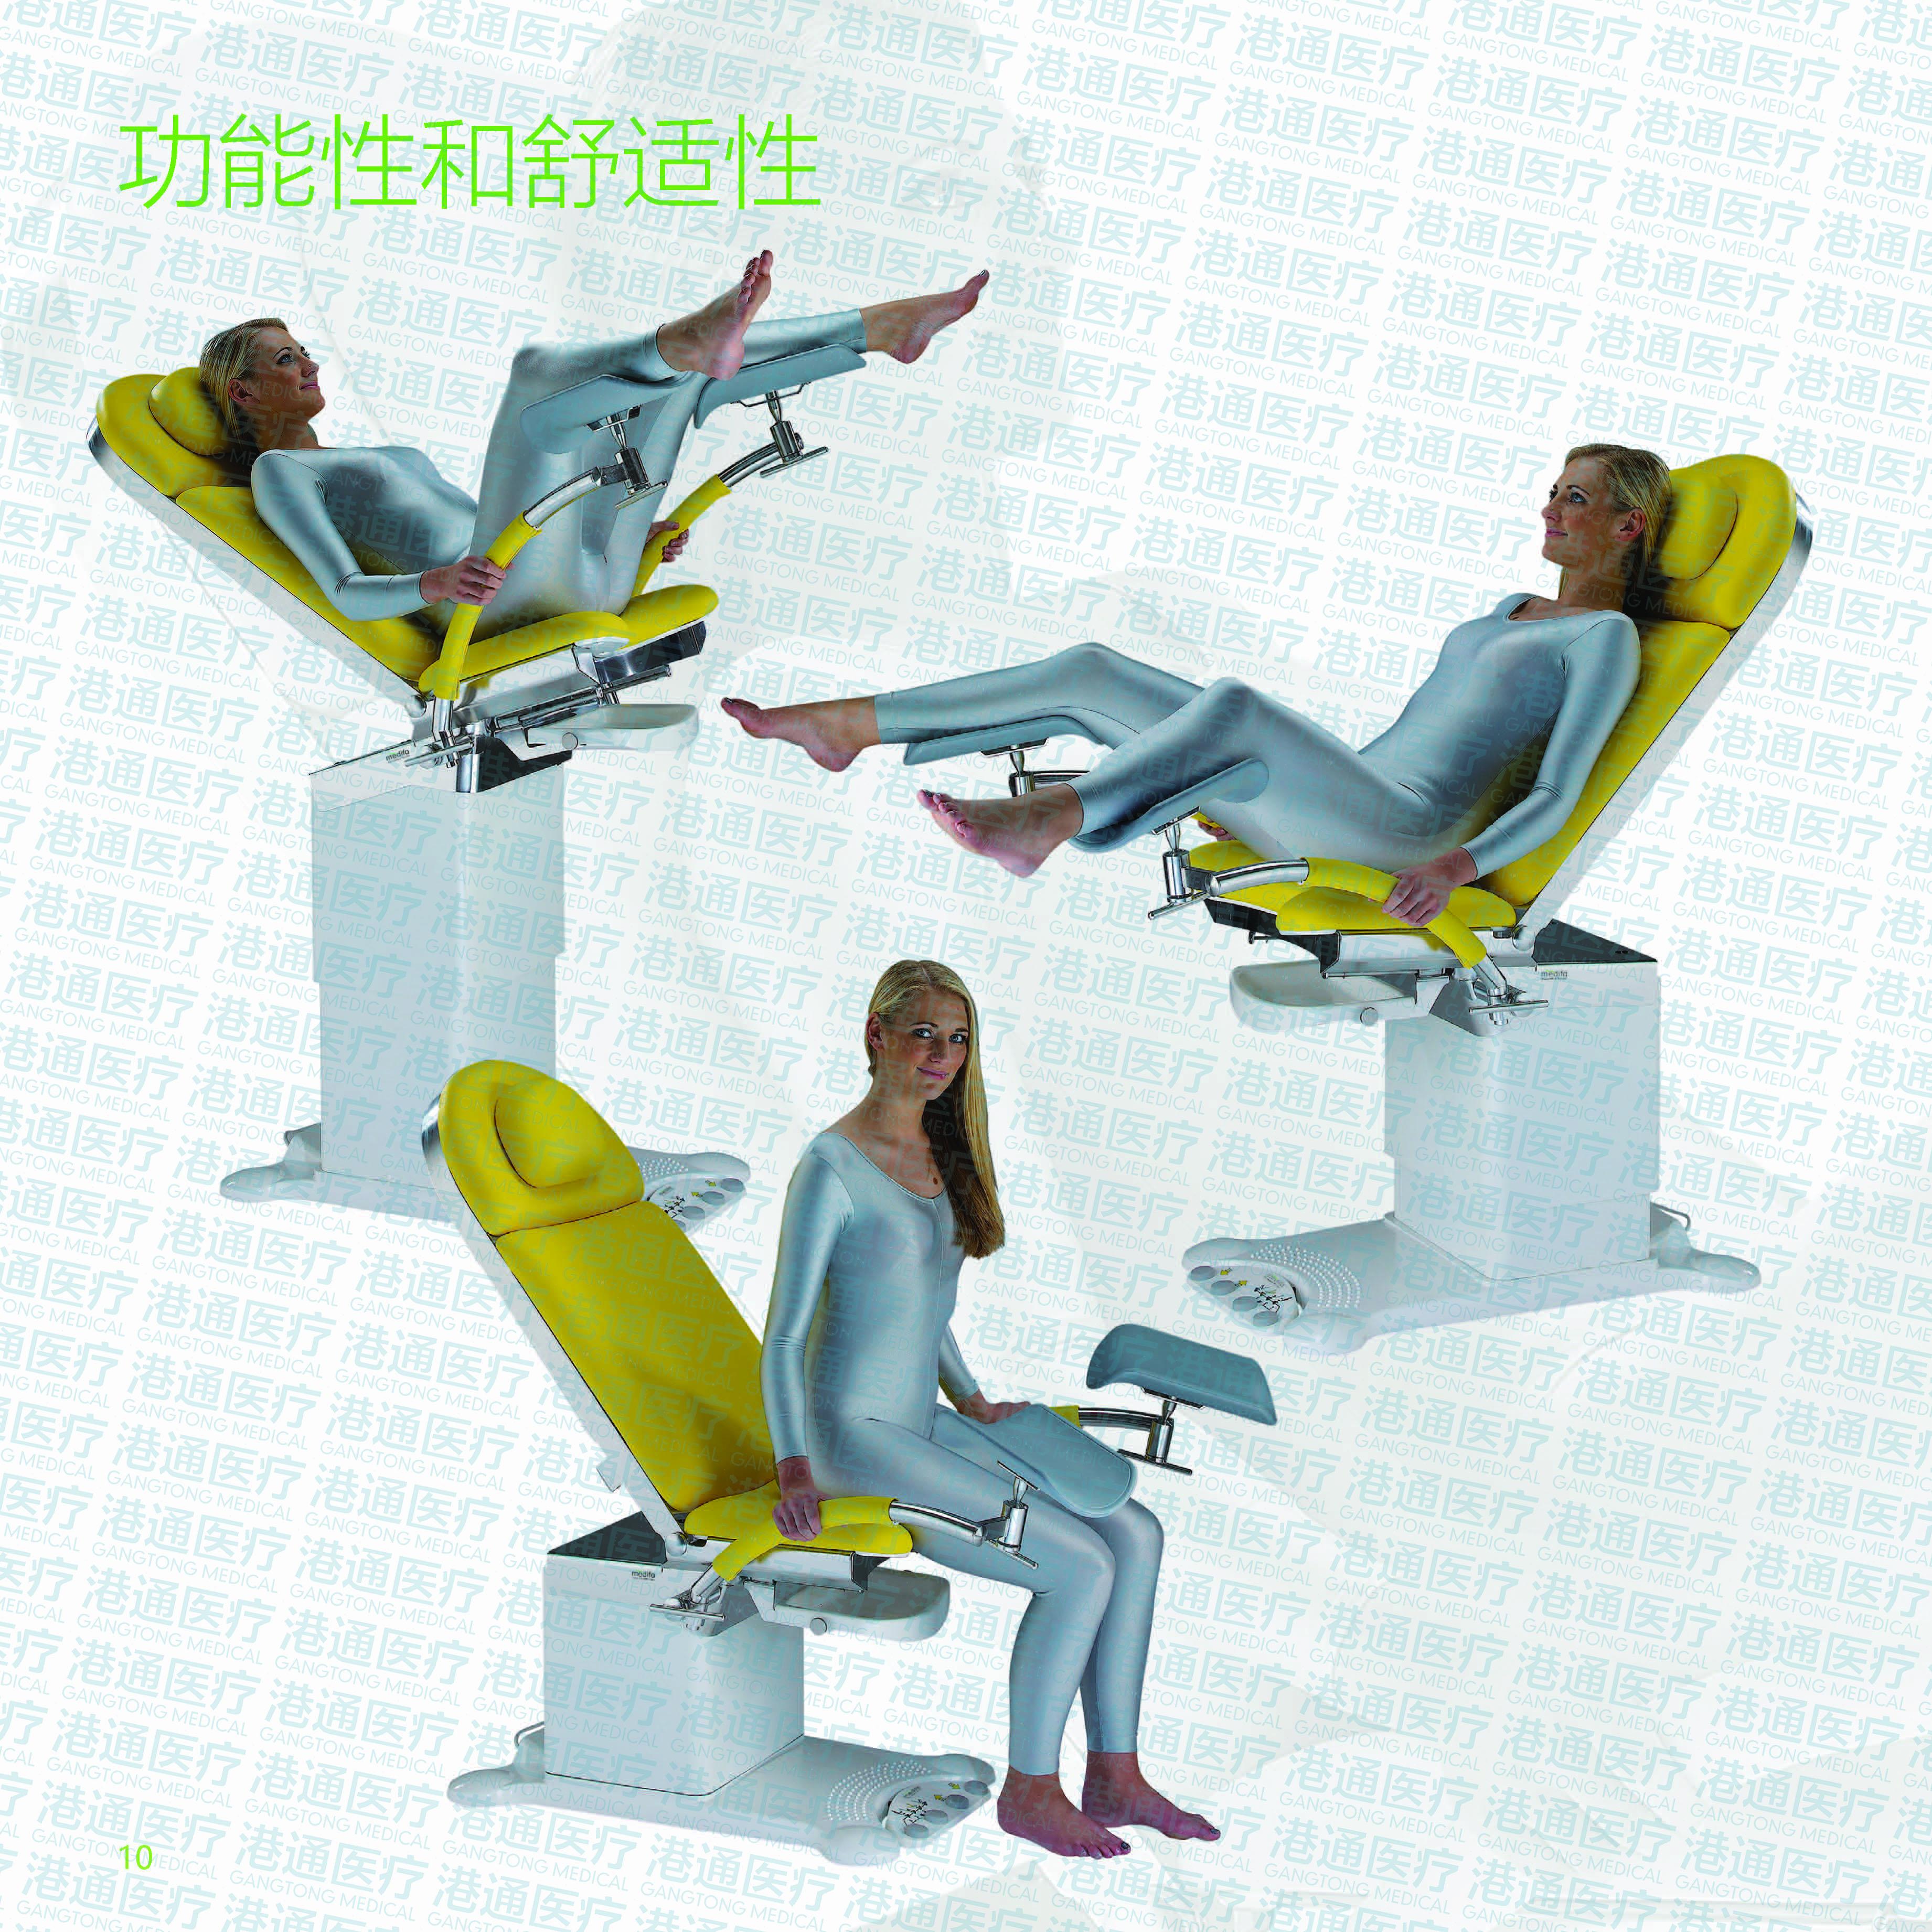 检查用椅妇科用